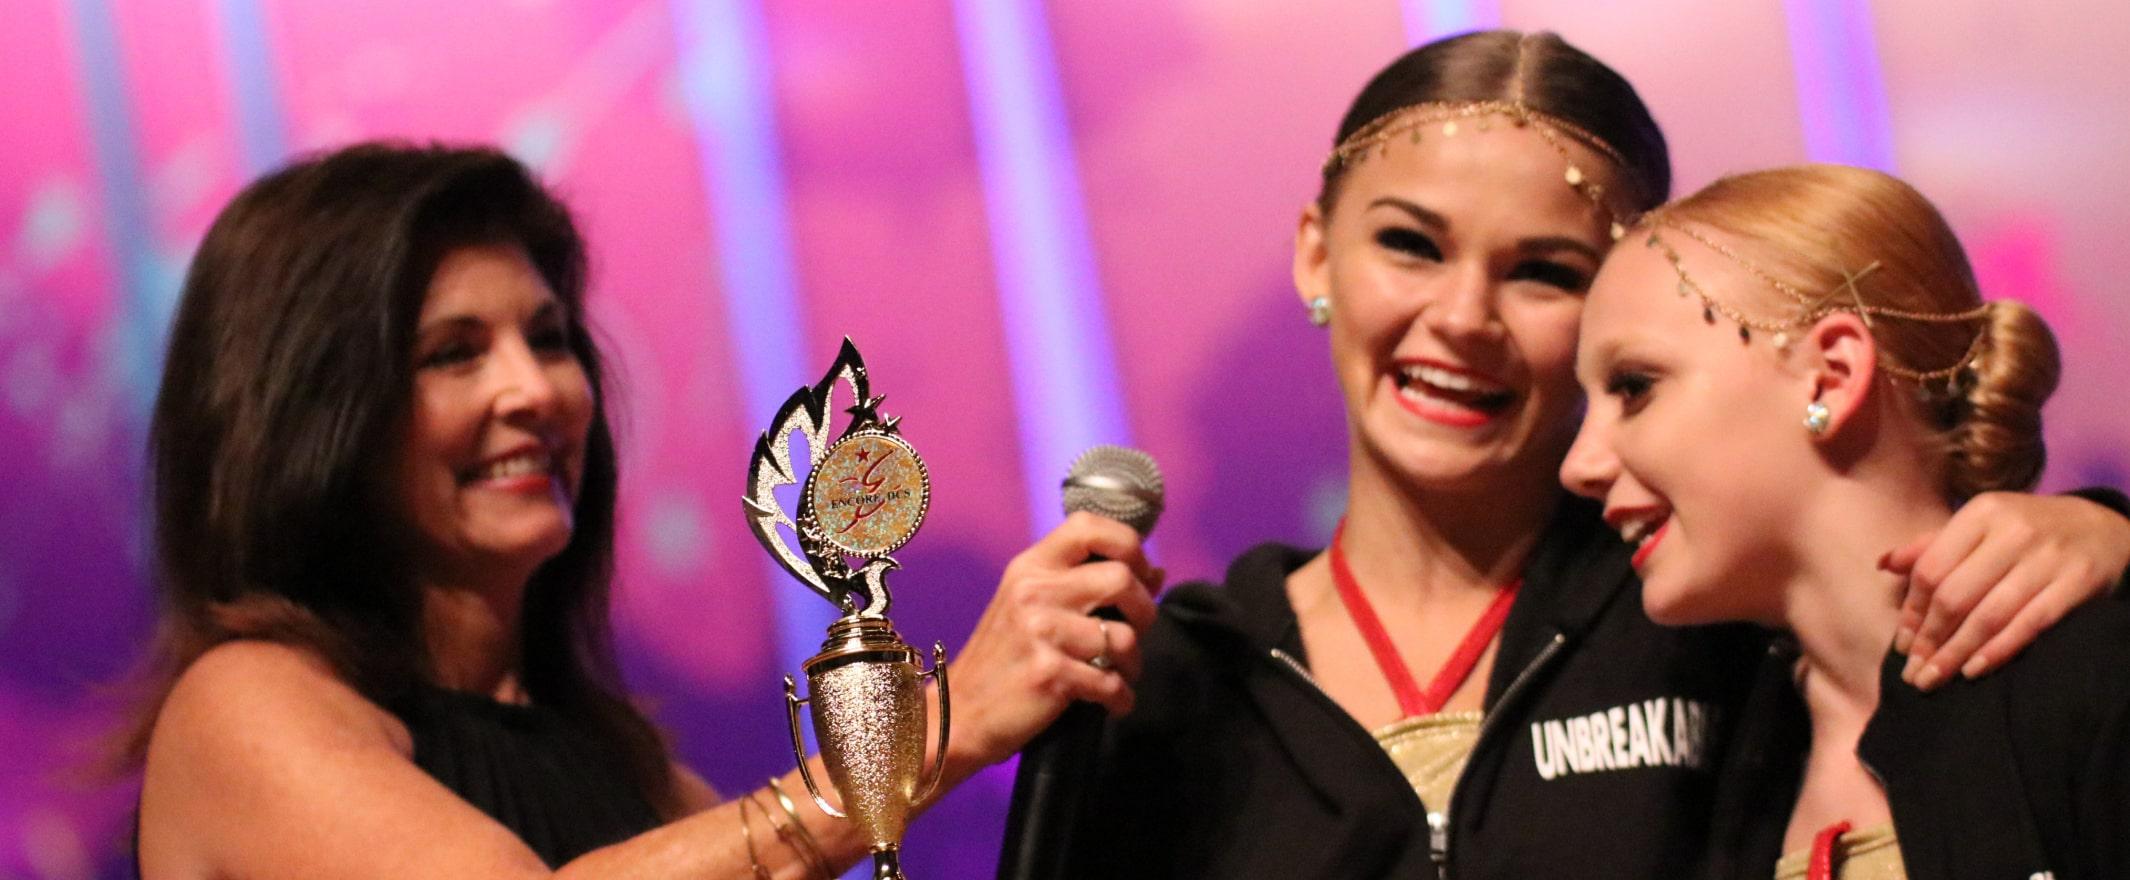 regional-awards-min